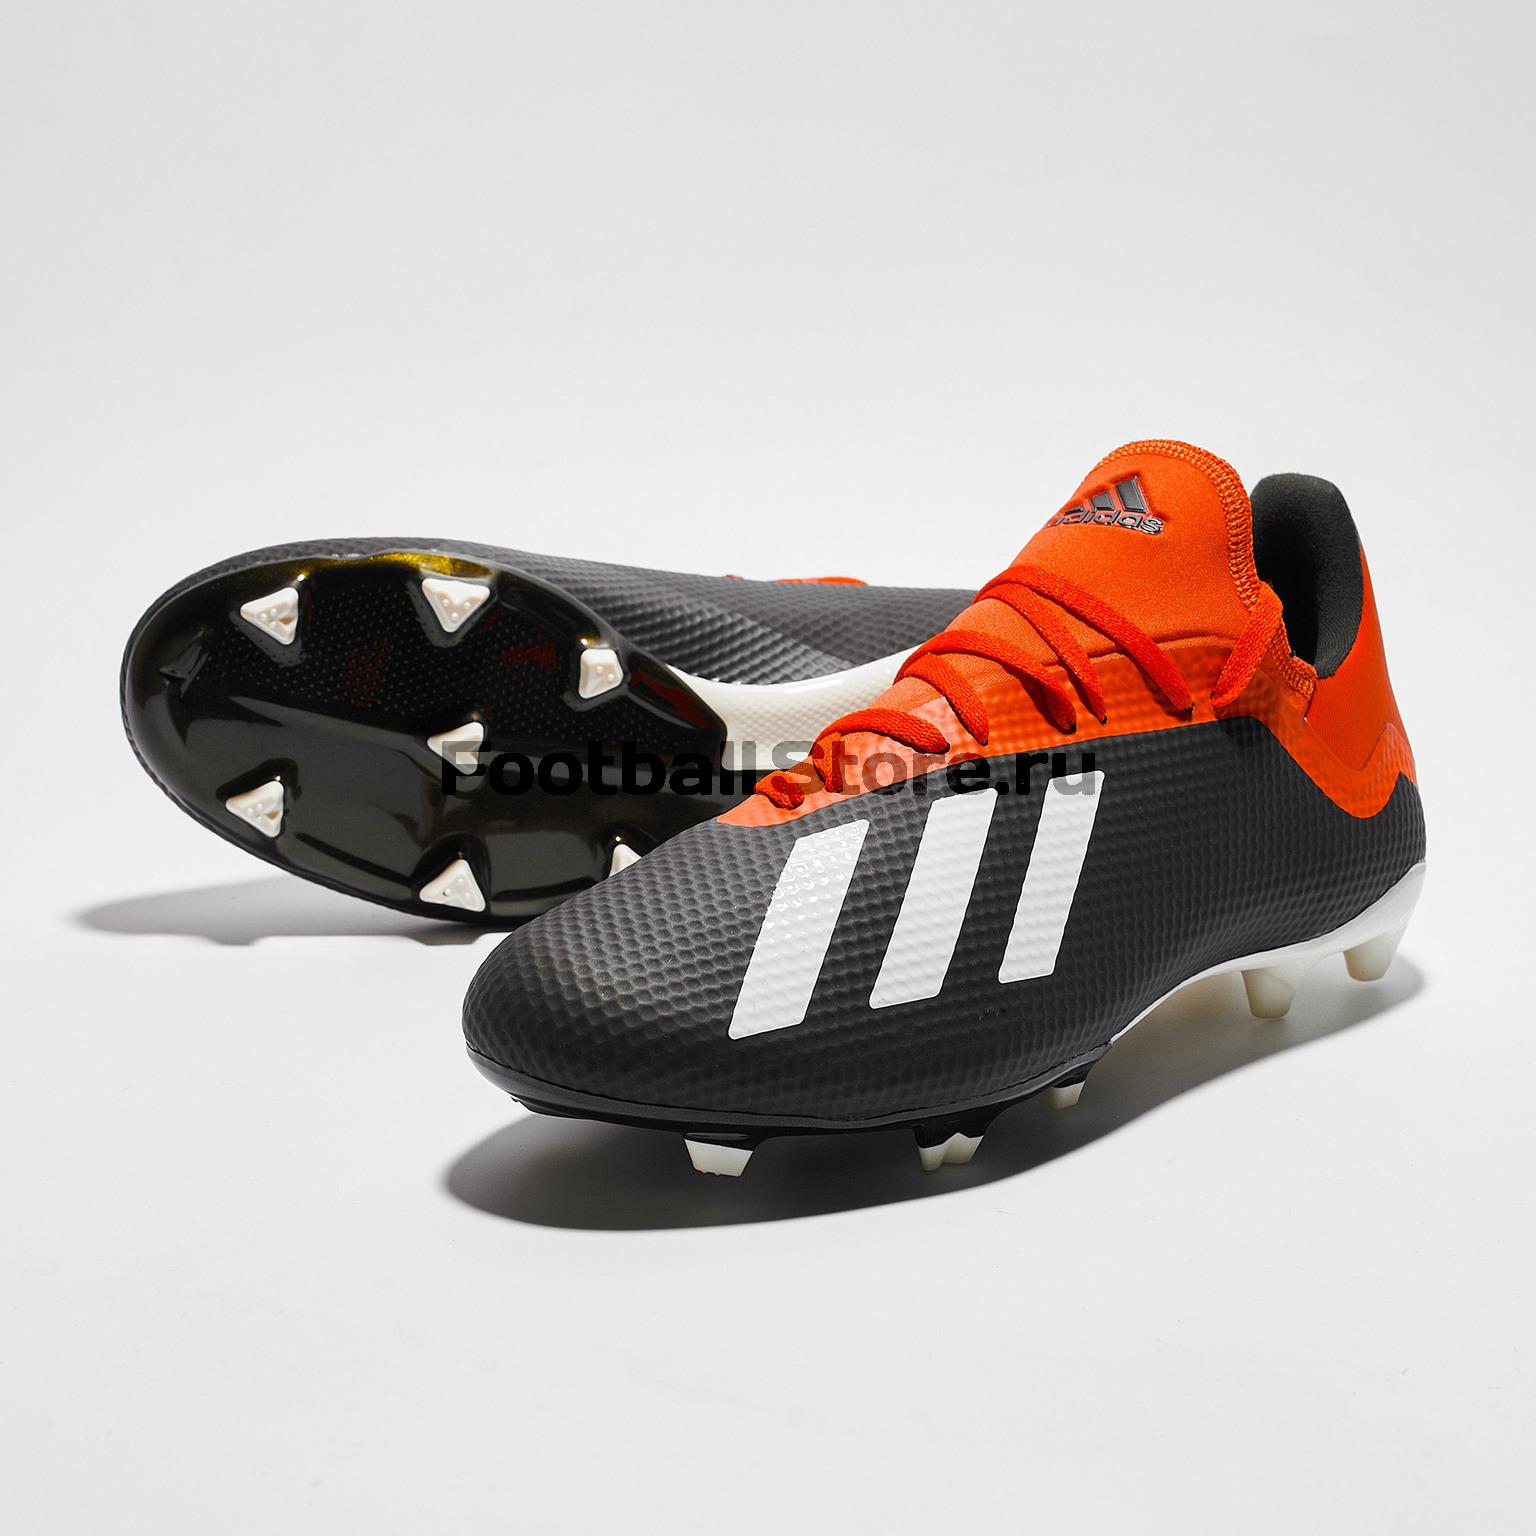 9414c729 Бутсы Adidas X 18.3 FG BB9366 – купить бутсы в интернет магазине ...